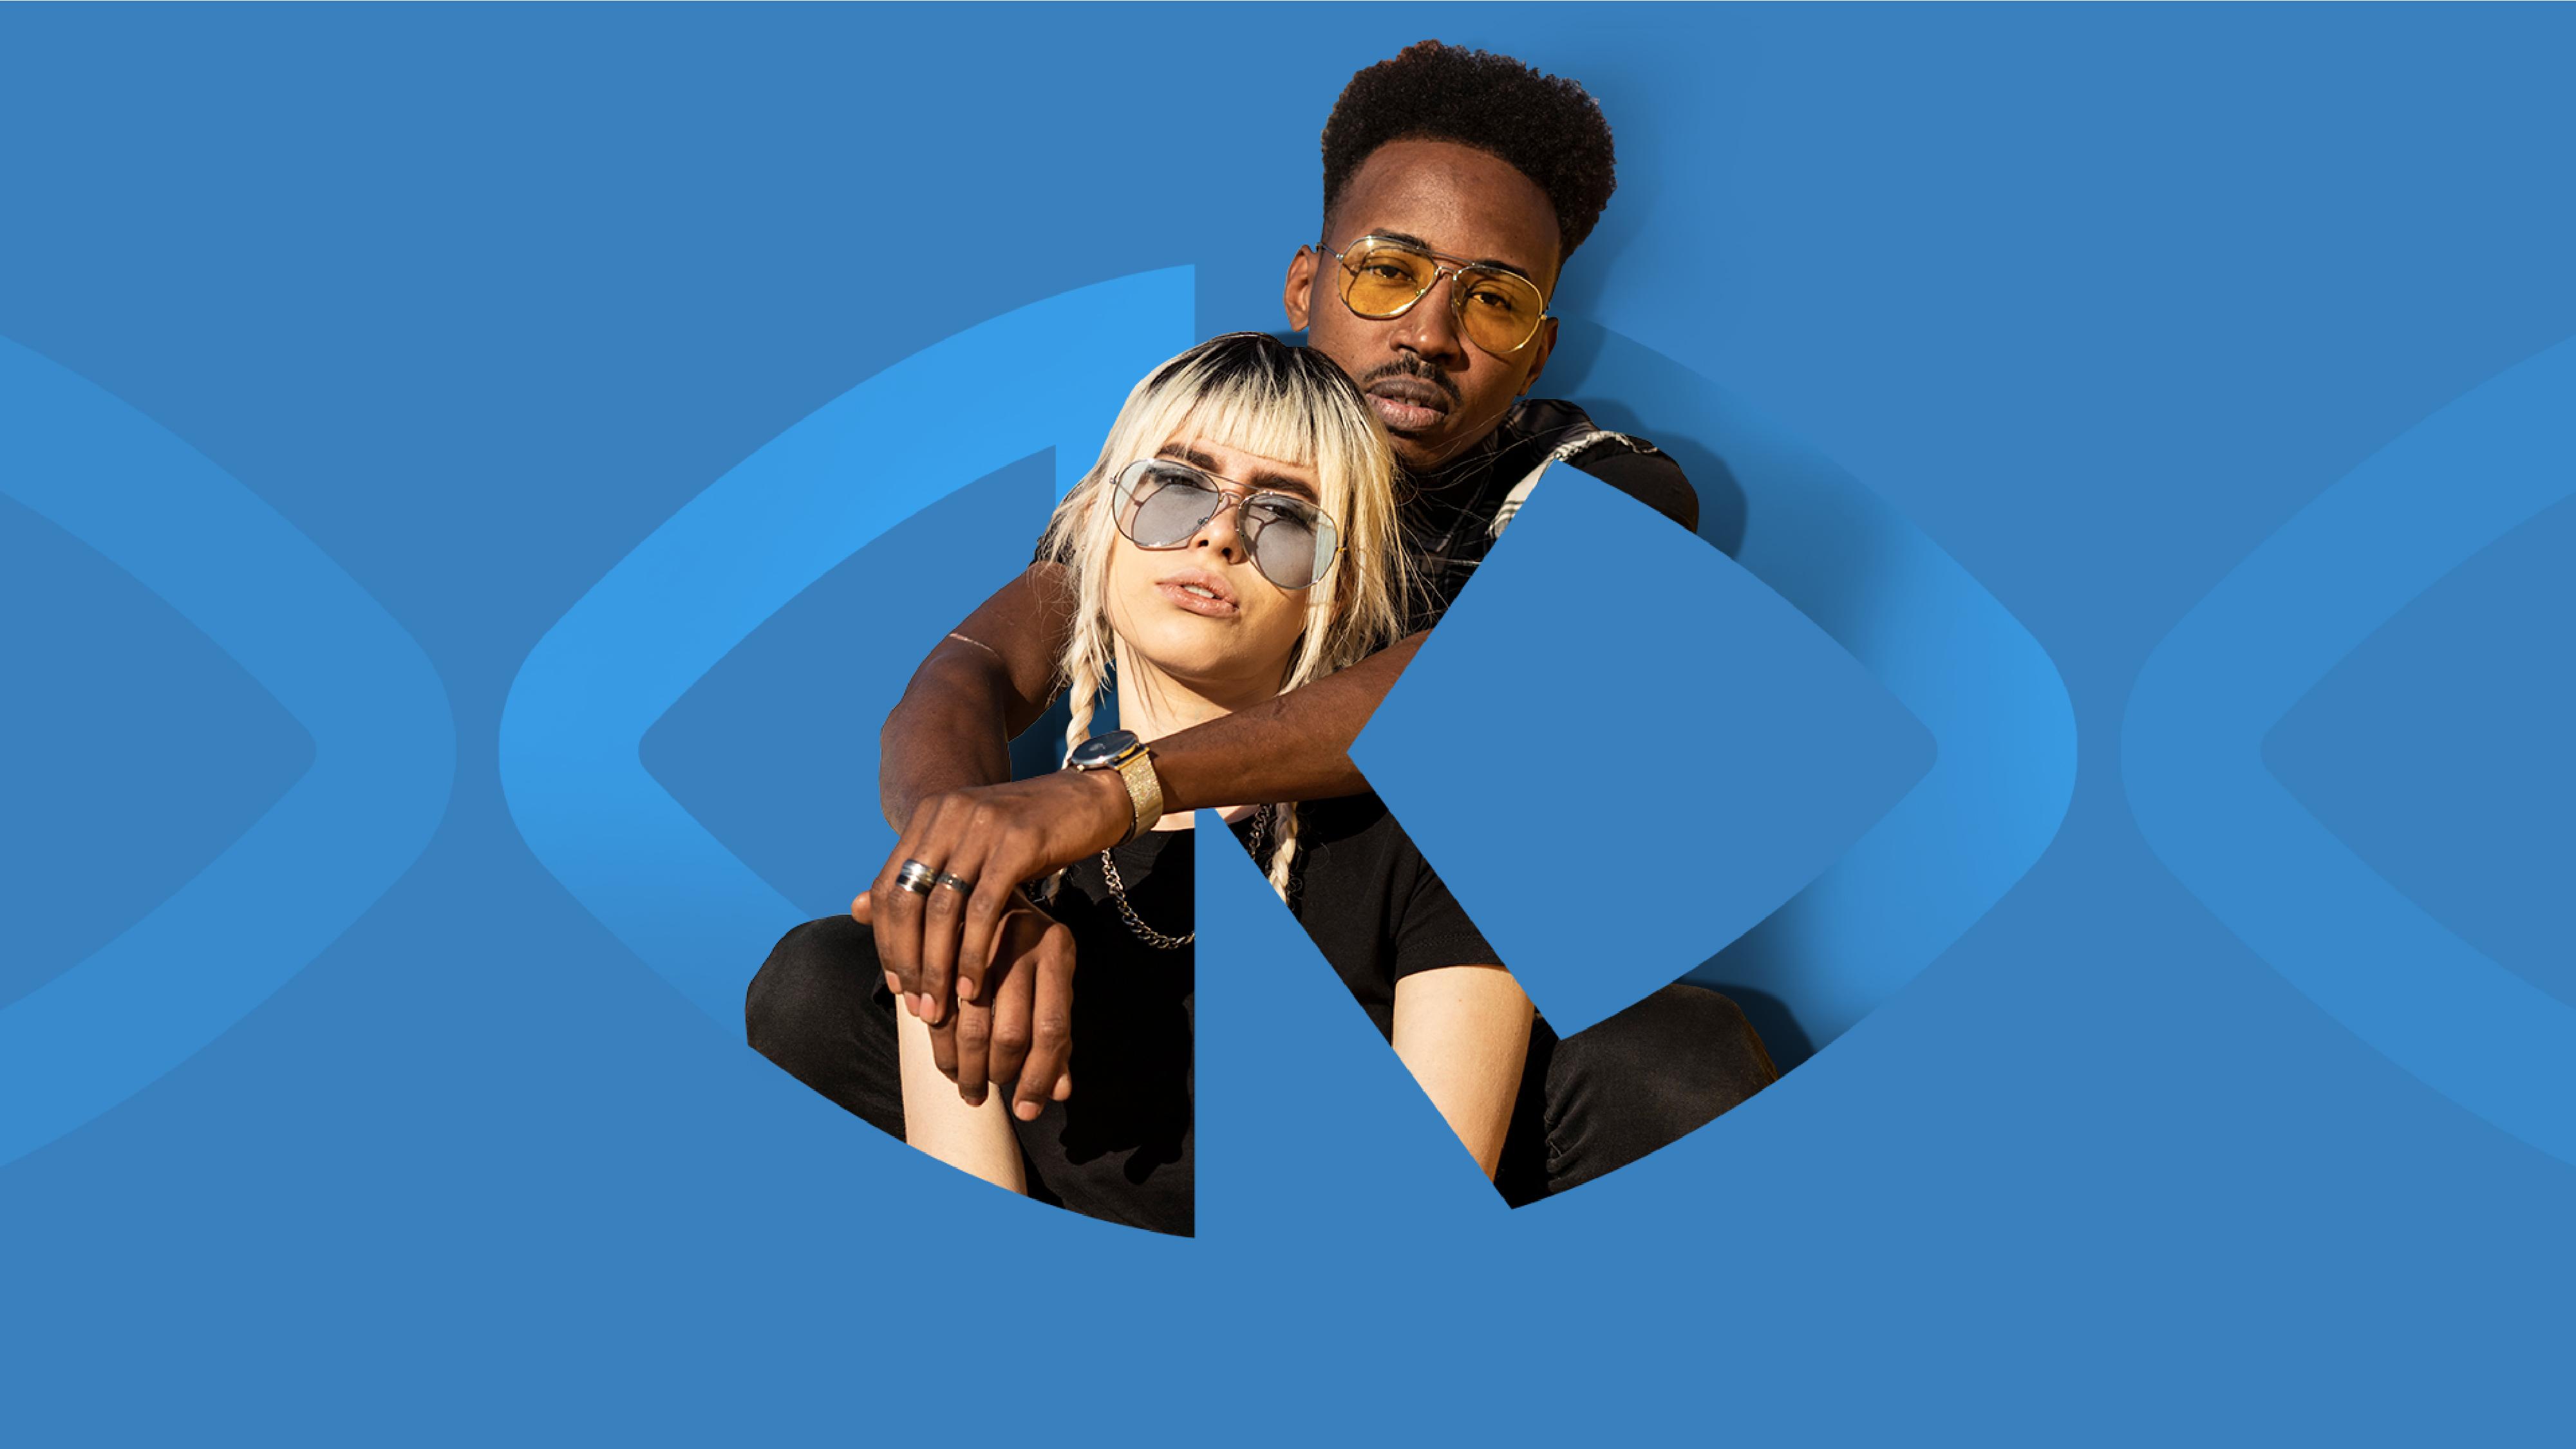 Intégration d'un homme et d'une femme dans le logotype signature Krys sur fond bleu